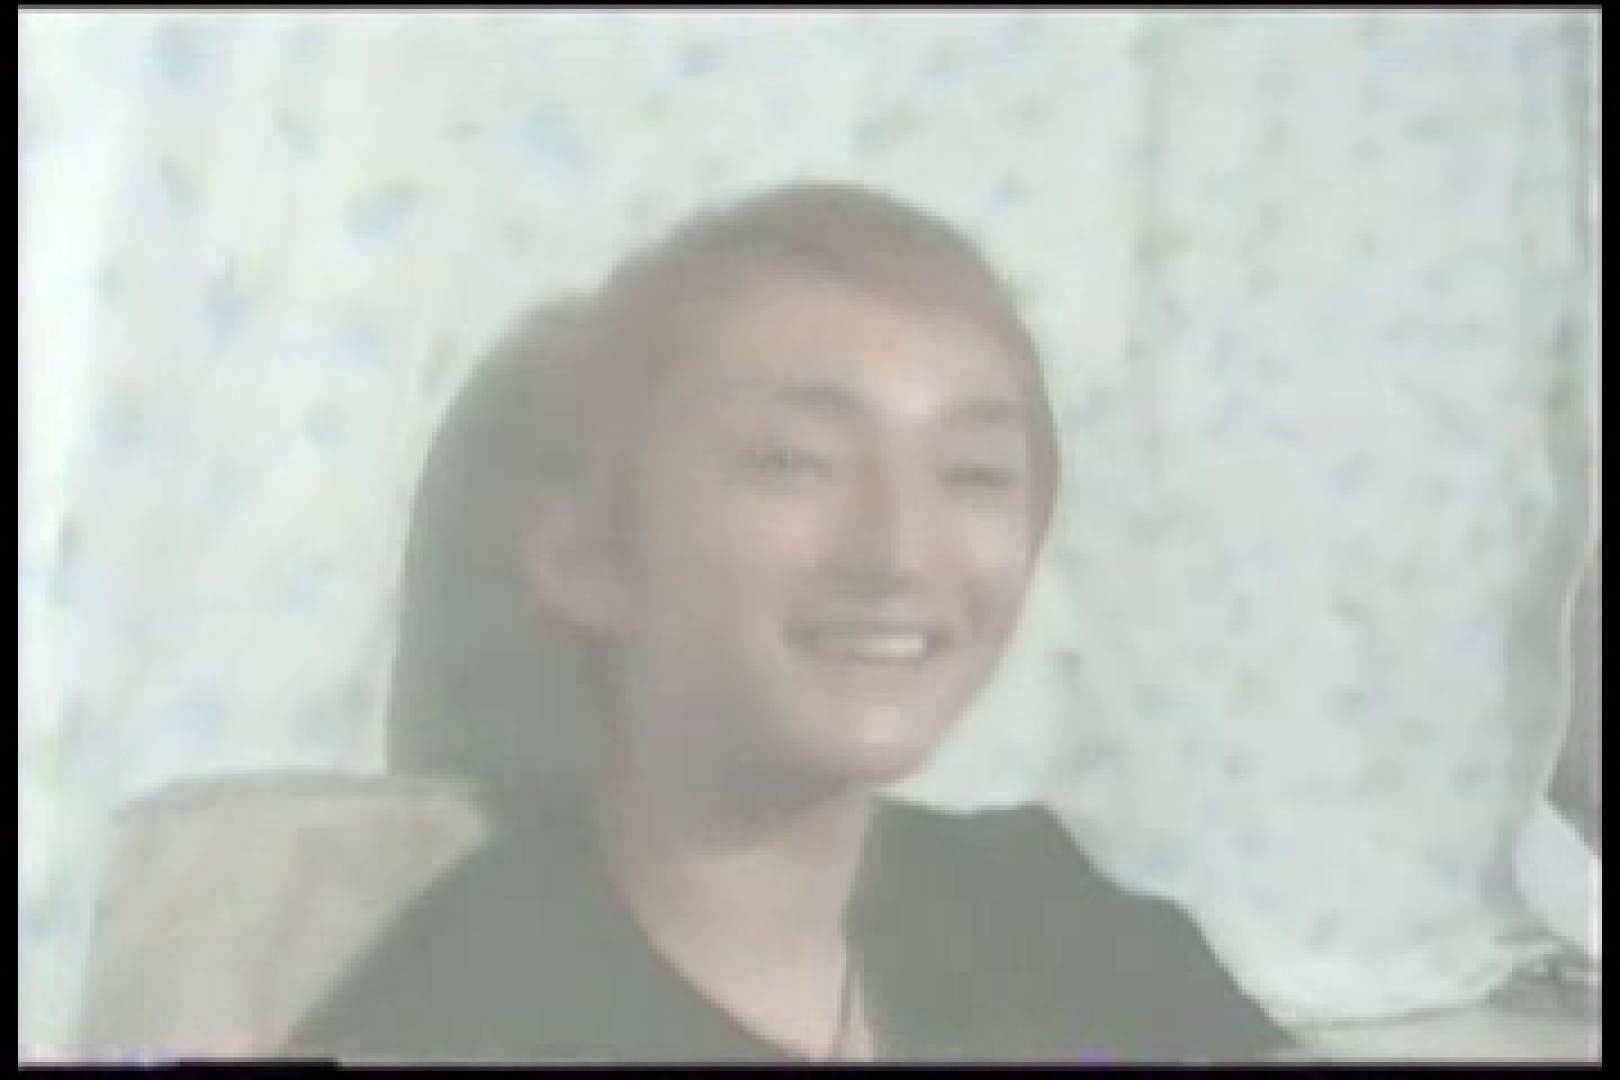 【流出】アイドルを目指したジャニ系イケメンの過去 包茎ボーイズ 男同士動画 61枚 41